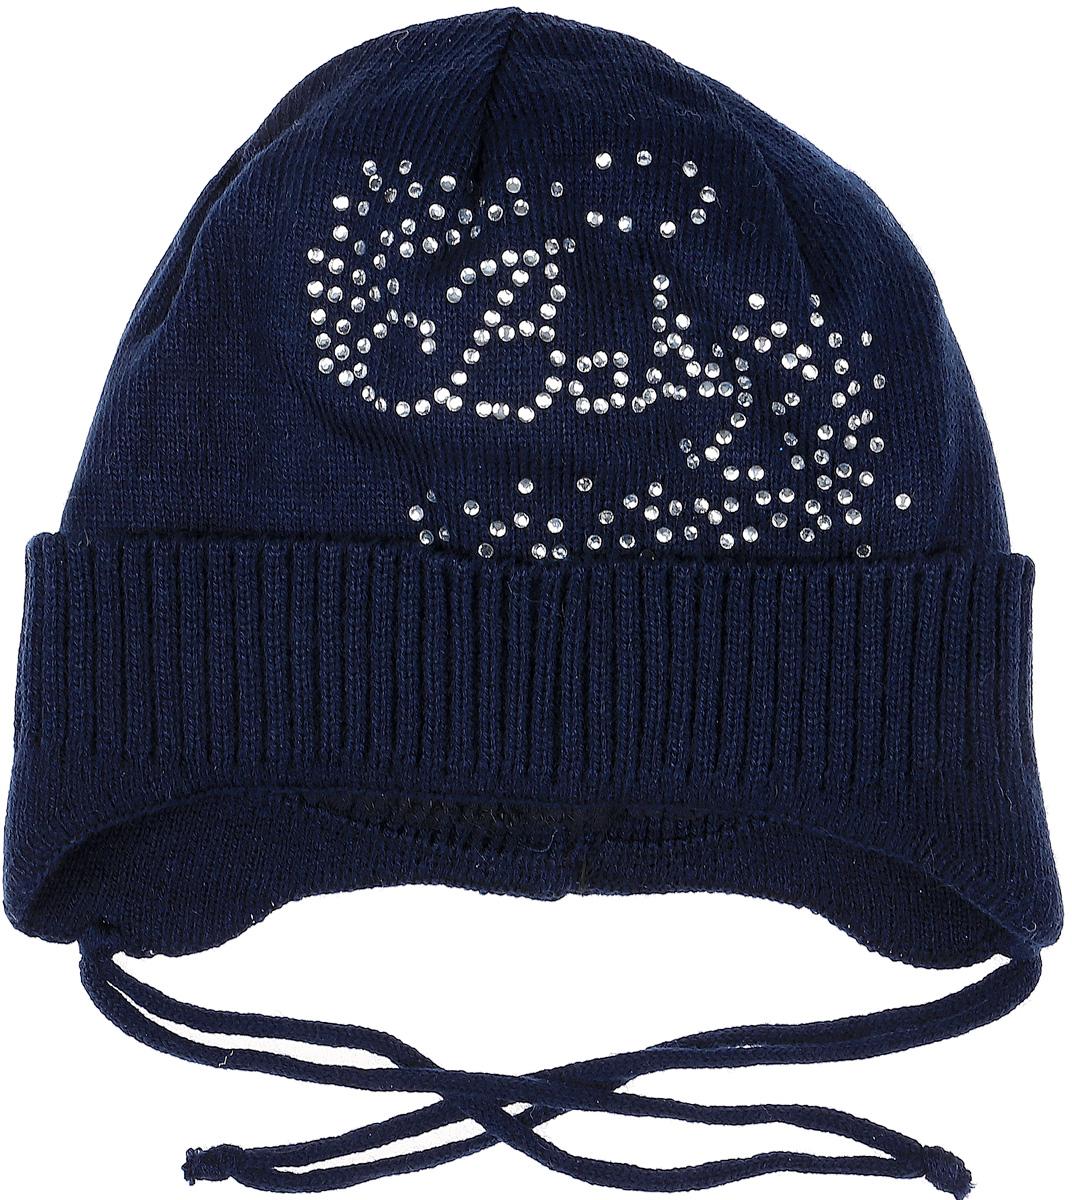 Шапка детскаяK035-22Теплая шапка для девочки InFante отлично дополнит образ в холодную погоду. Выполнена модель из натурального хлопка. Оформлено изделие аппликацией из стразов. По бокам модель немного удлинена и имеет завязки на шнурочках, а на макушке дополнена стразом. Уважаемые клиенты! Размер, доступный для заказа, является обхватом головы.